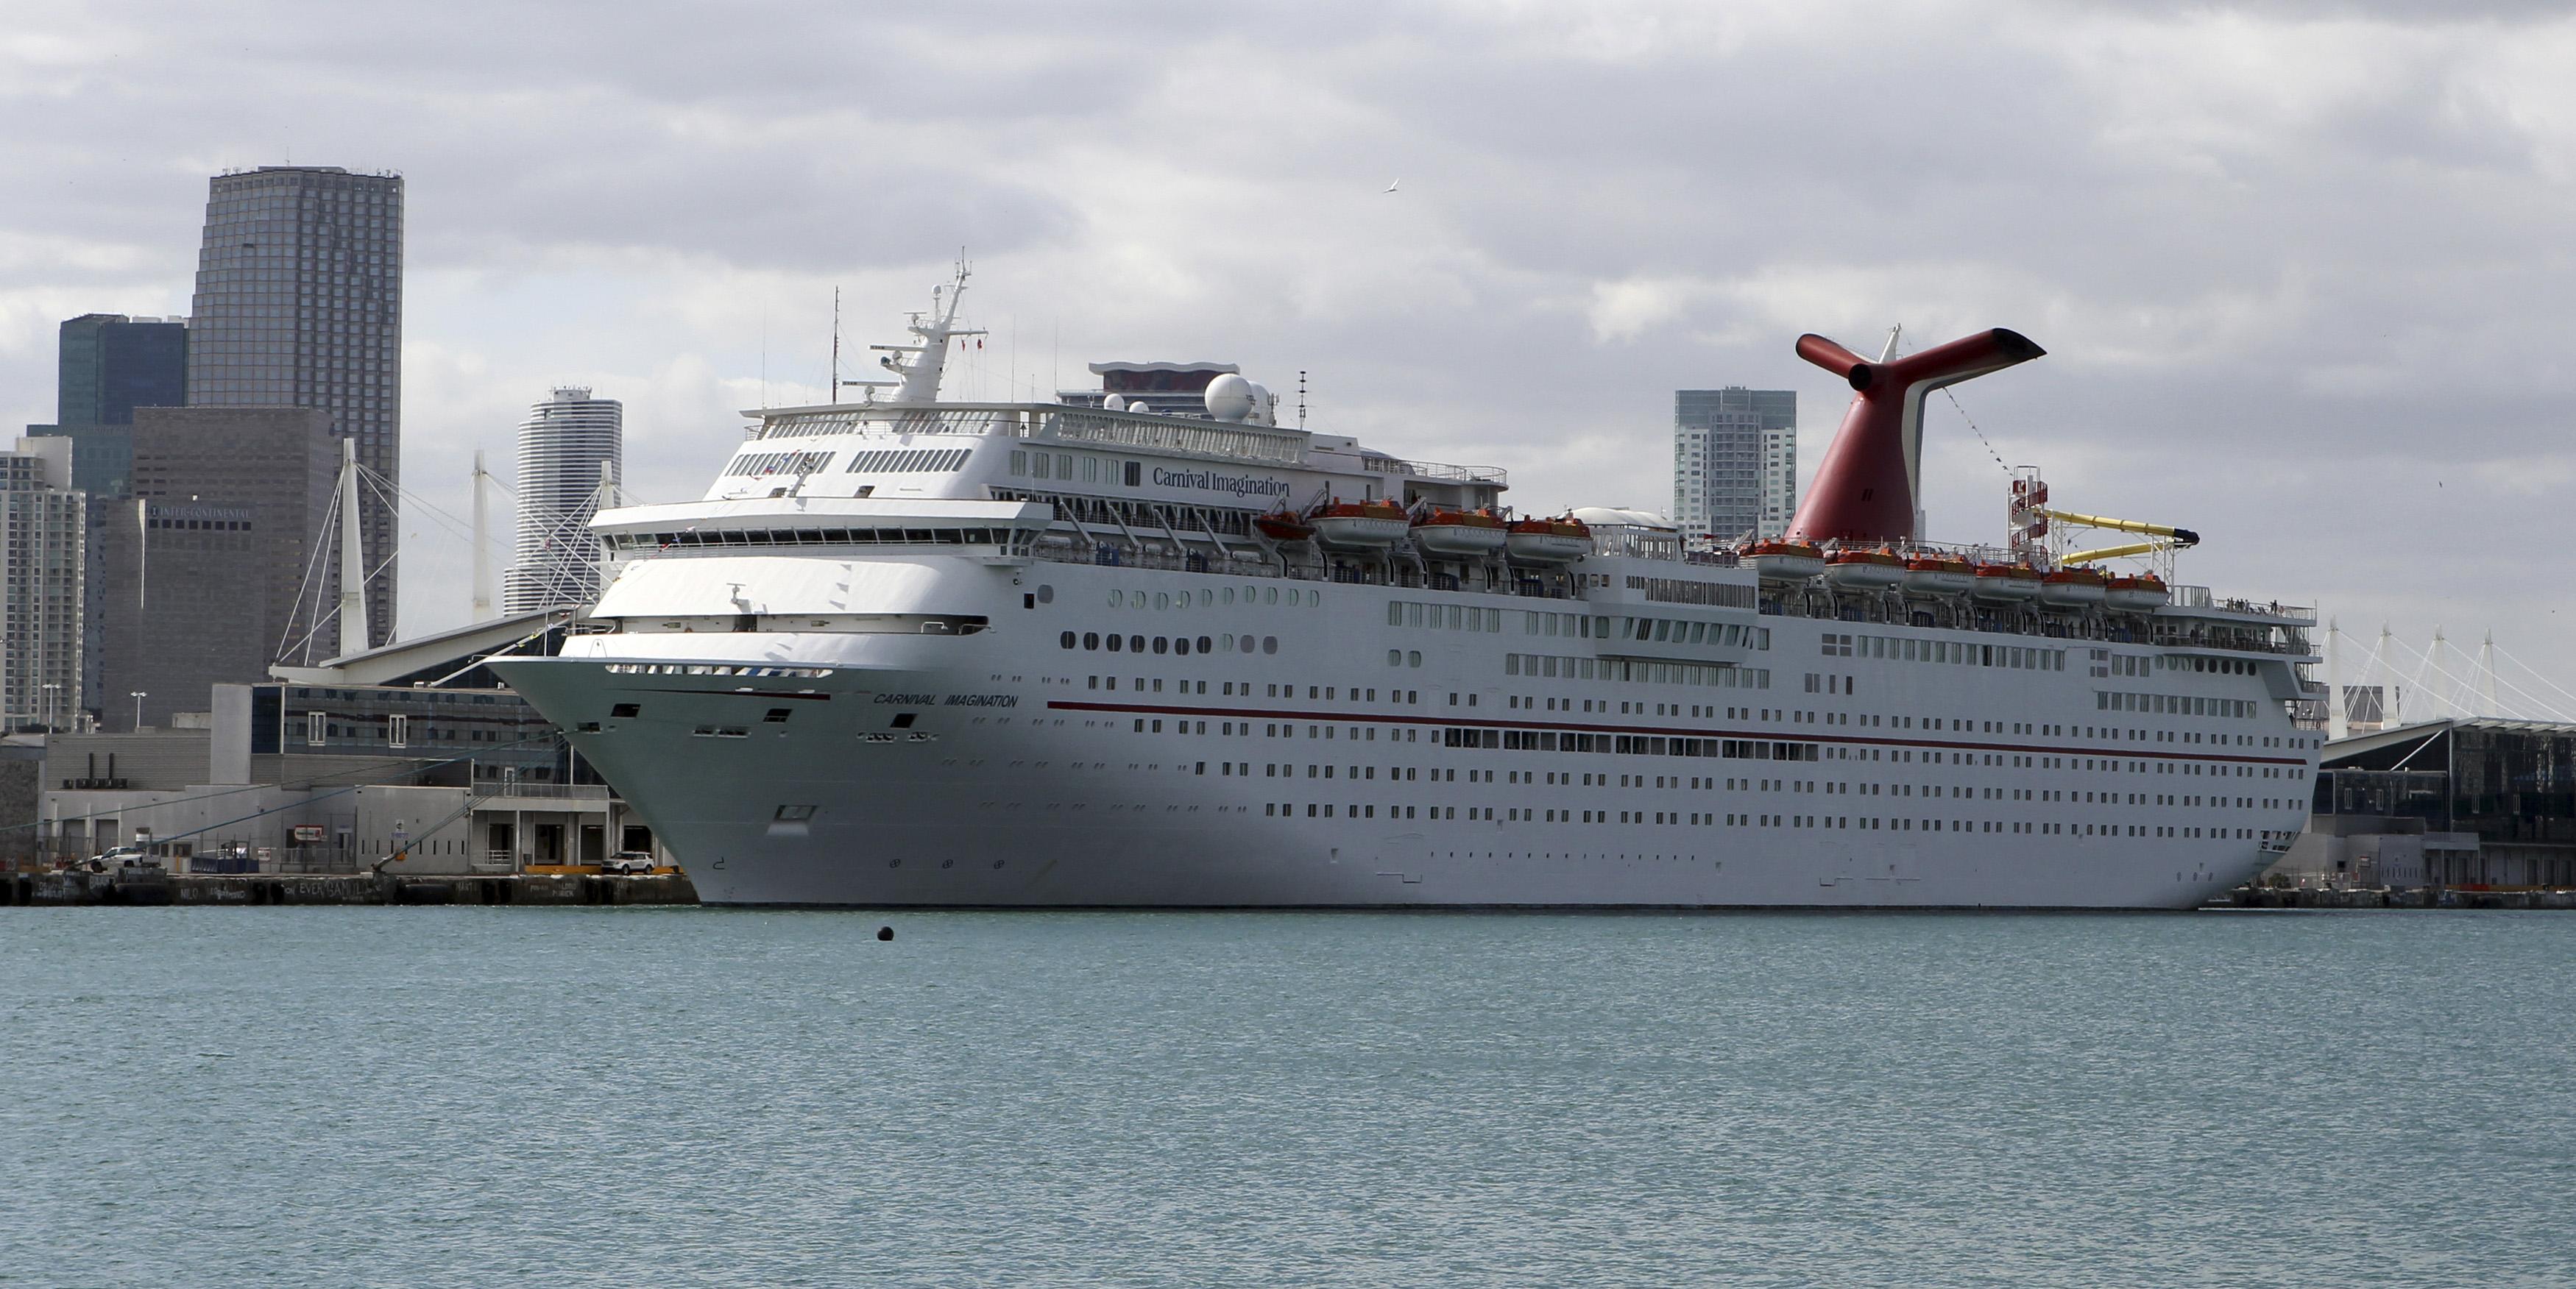 pollution-en-mer-une-amende-record-de-40-millions-de-dollars-aux-etats-unis-pour-la-compagnie-princess-cruises-caribbean-princess-carnival